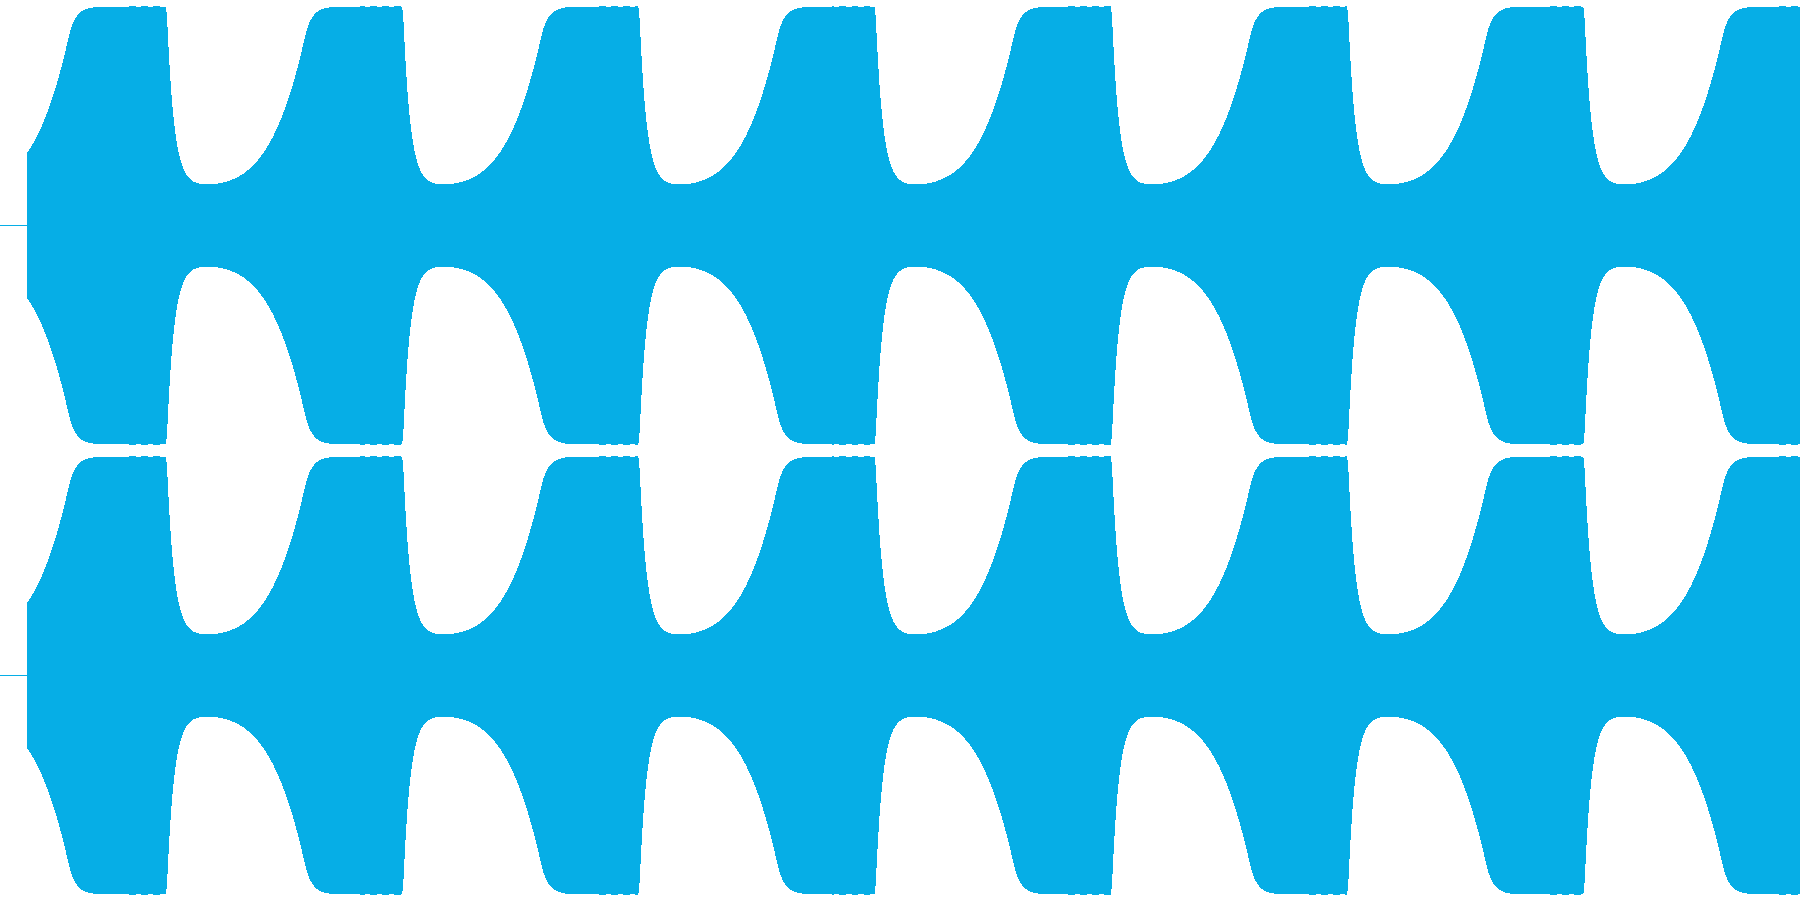 ゲームテキスト効果音A-5(低め 短い)の再生済みの波形